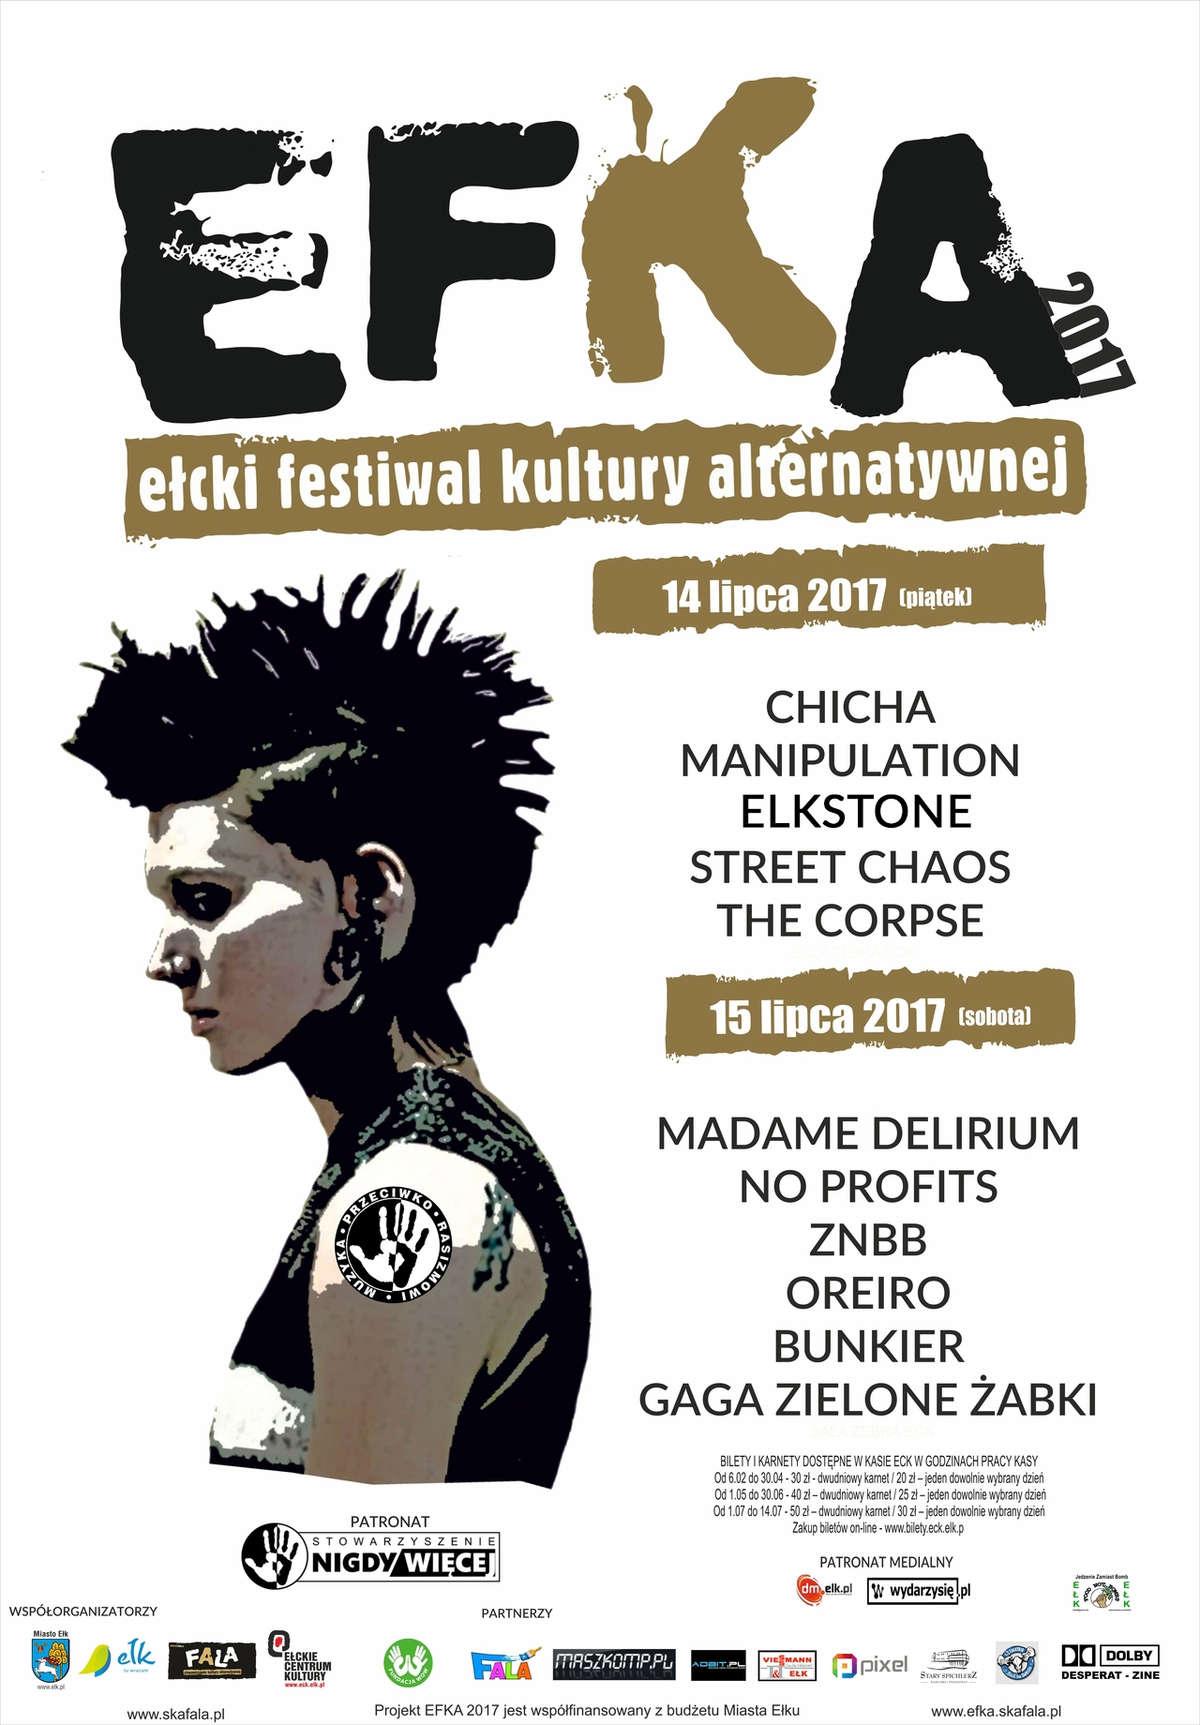 EFKA 2017 - full image